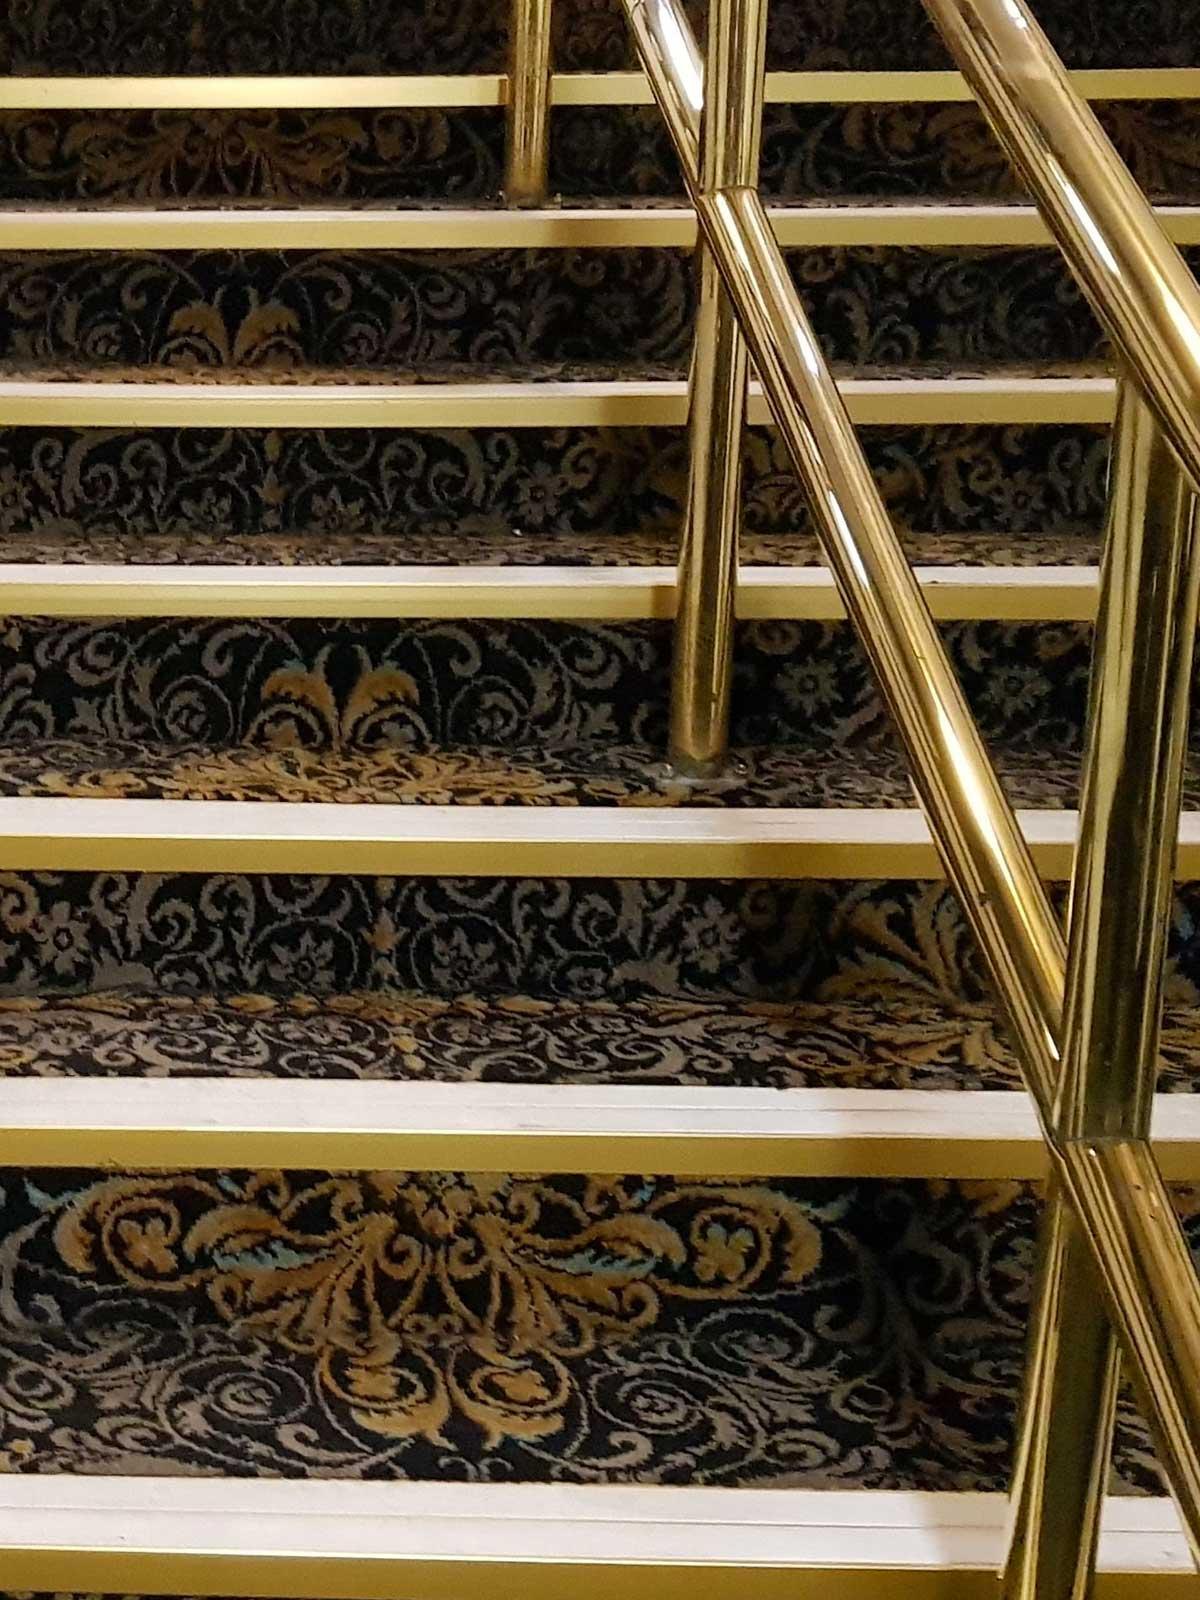 1200x1600-mn-staircase-photo